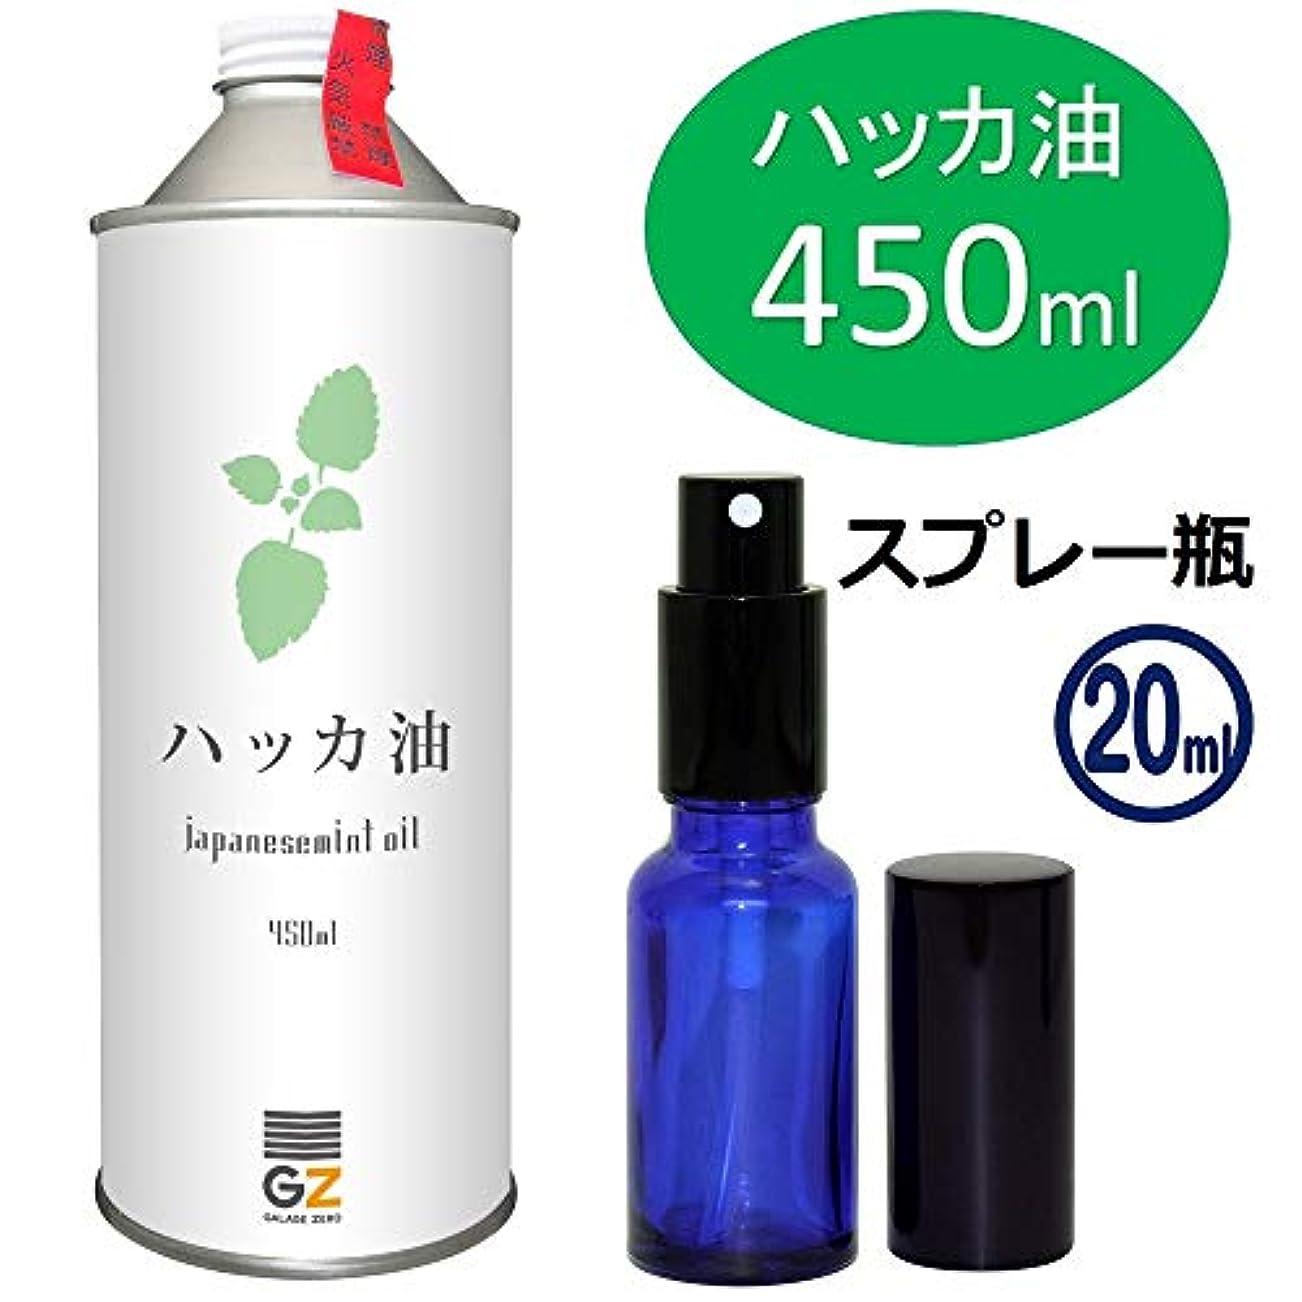 経験的対話パースガレージ?ゼロ ハッカ油 450ml(GZAK13)+ガラス瓶 スプレーボトル20ml/和種薄荷/ジャパニーズミント GSE534